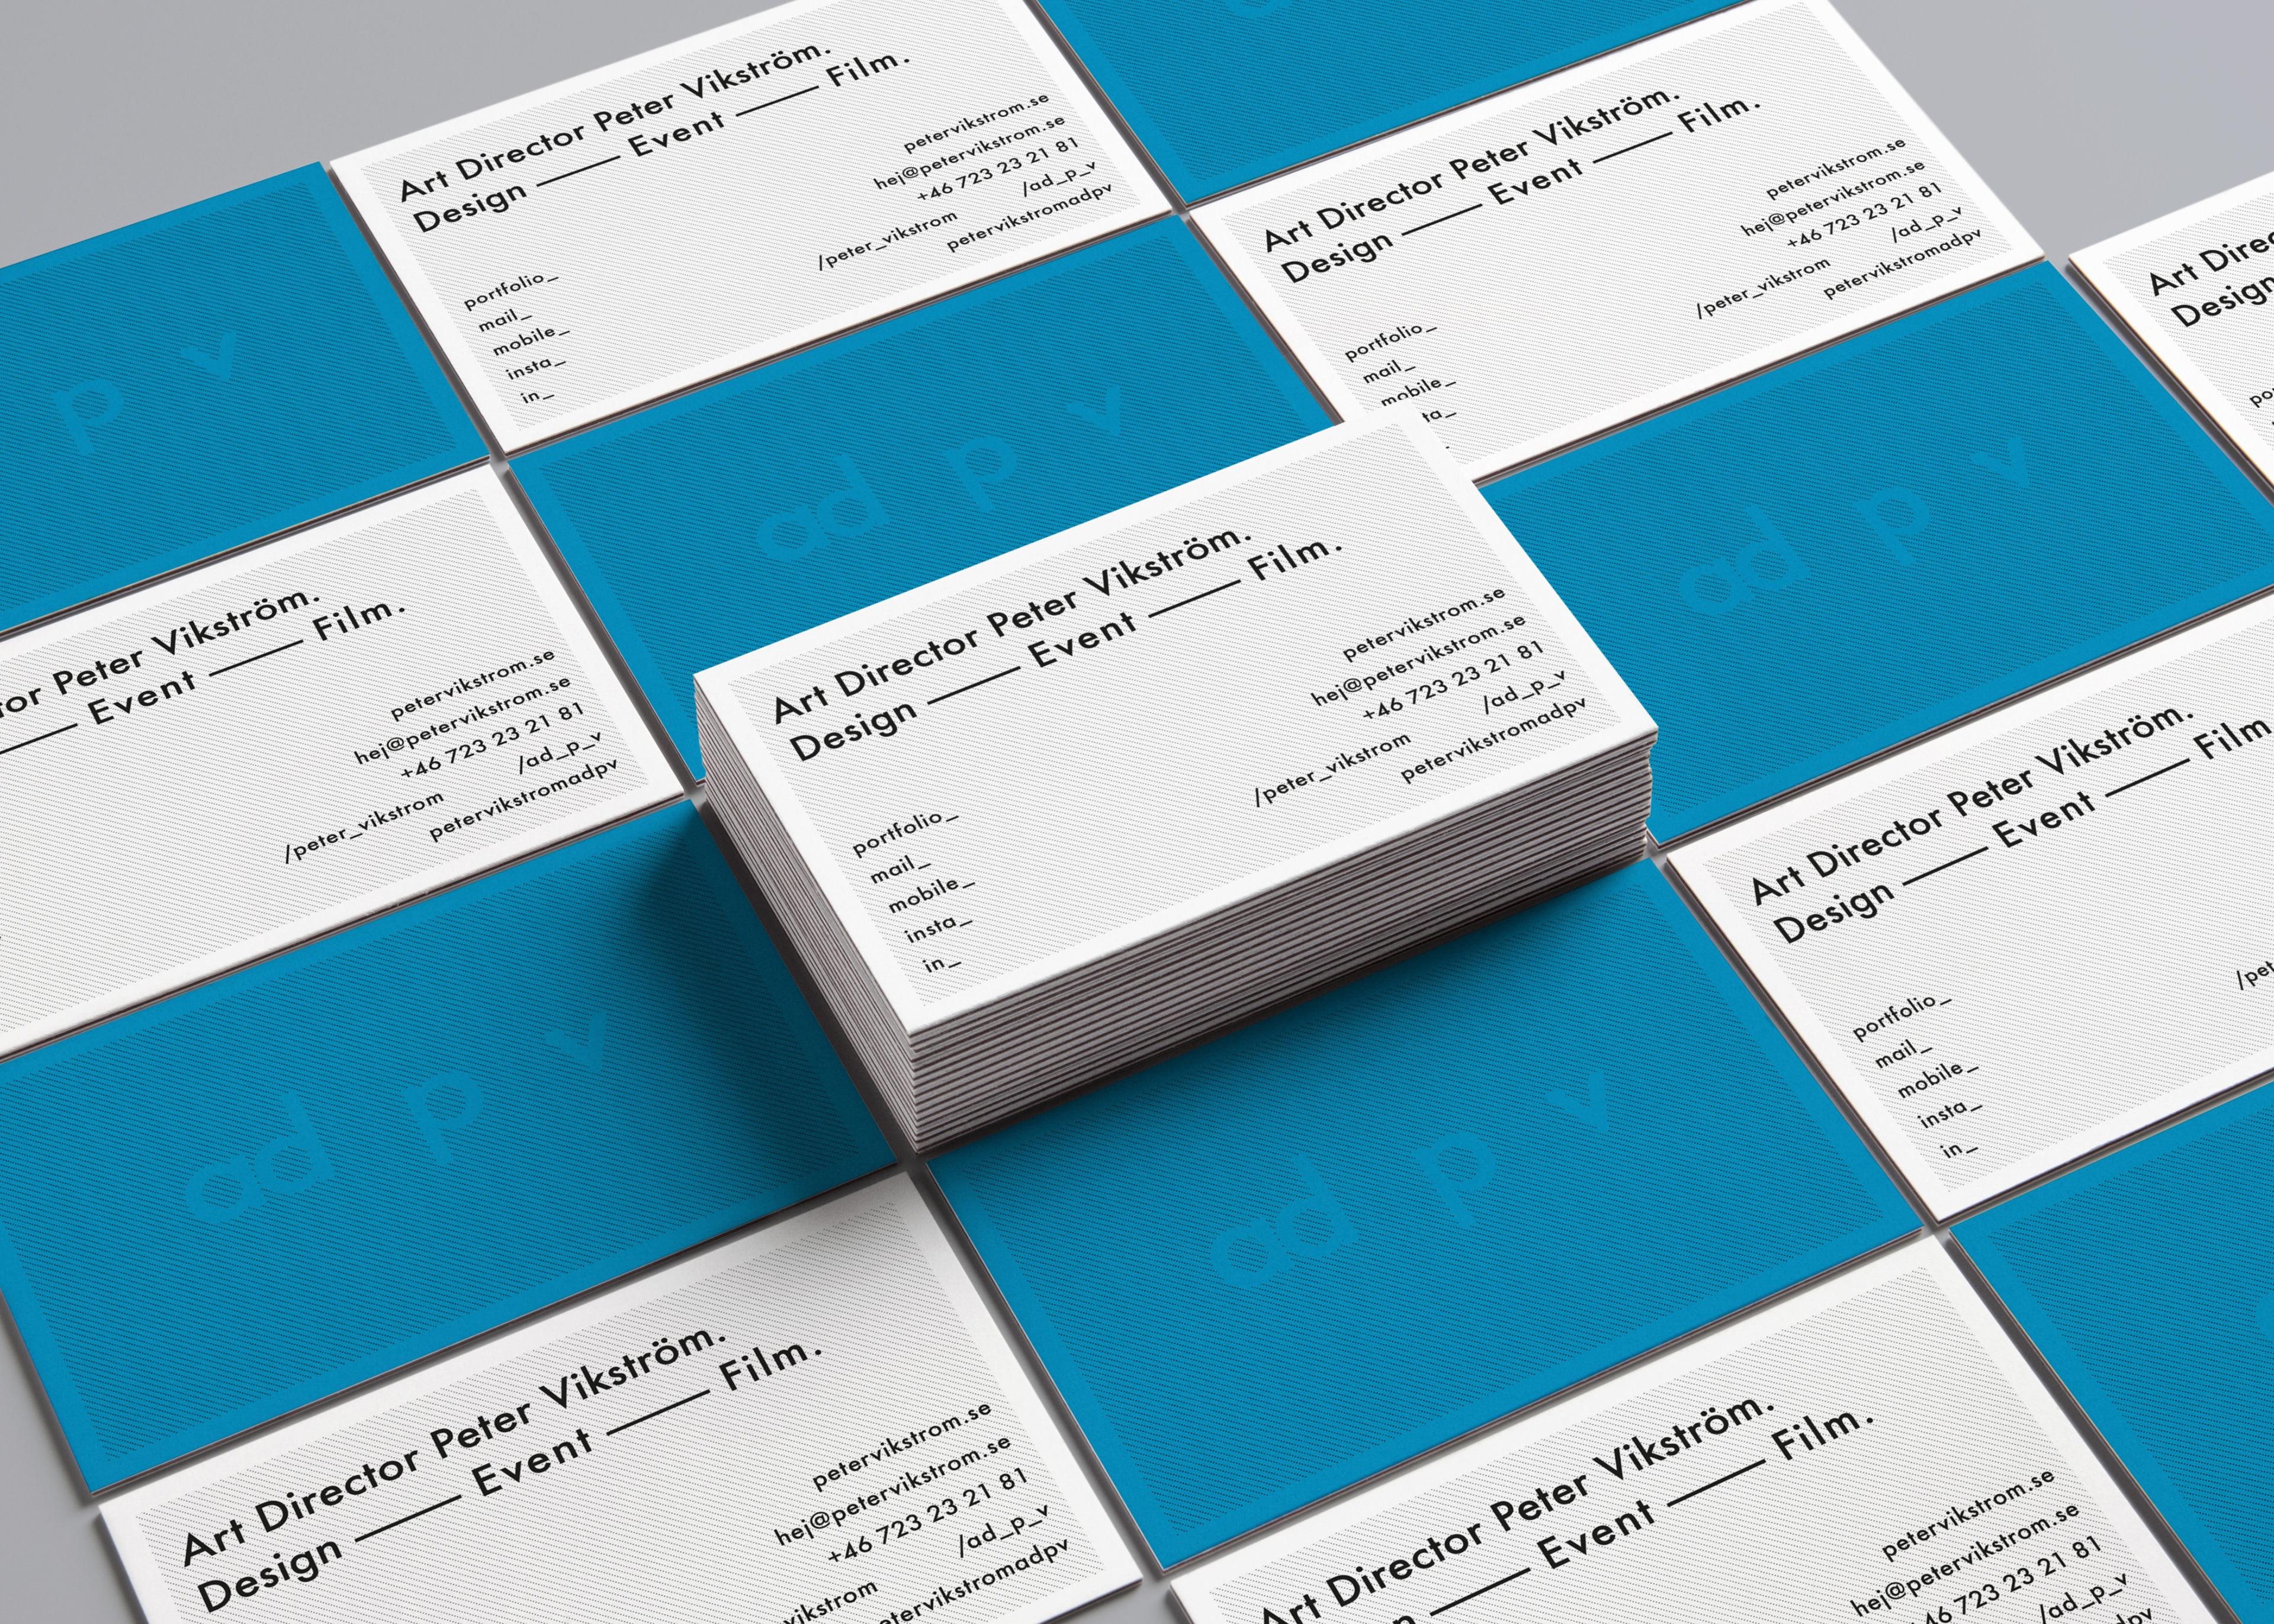 Art Director Peter Vikström ____ ad p v - ad p v ____ Business Card